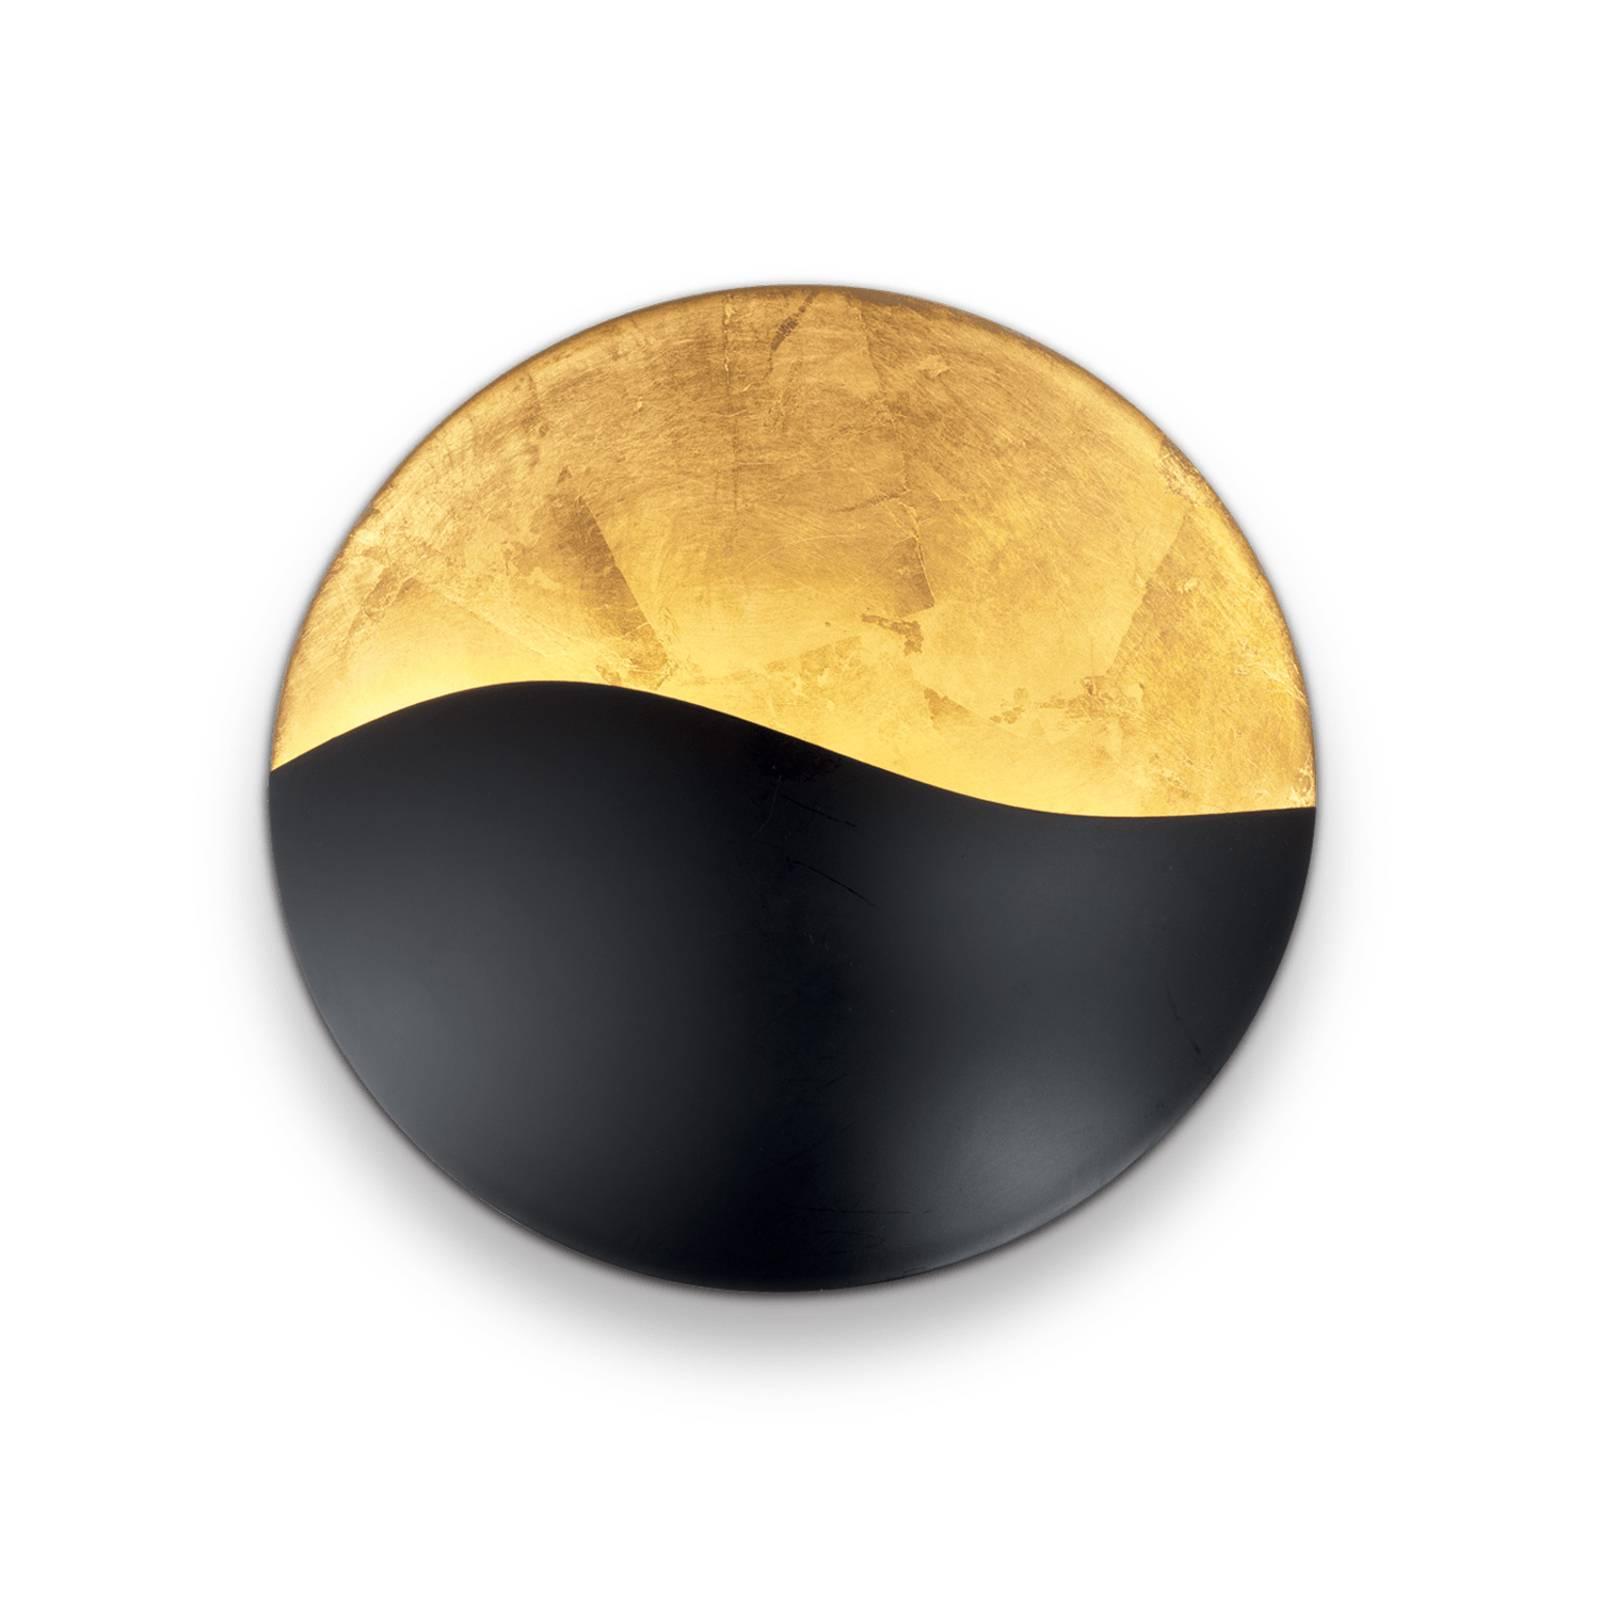 Wandleuchte Sunrise G9, schwarz / gold, Ø 27,5 cm